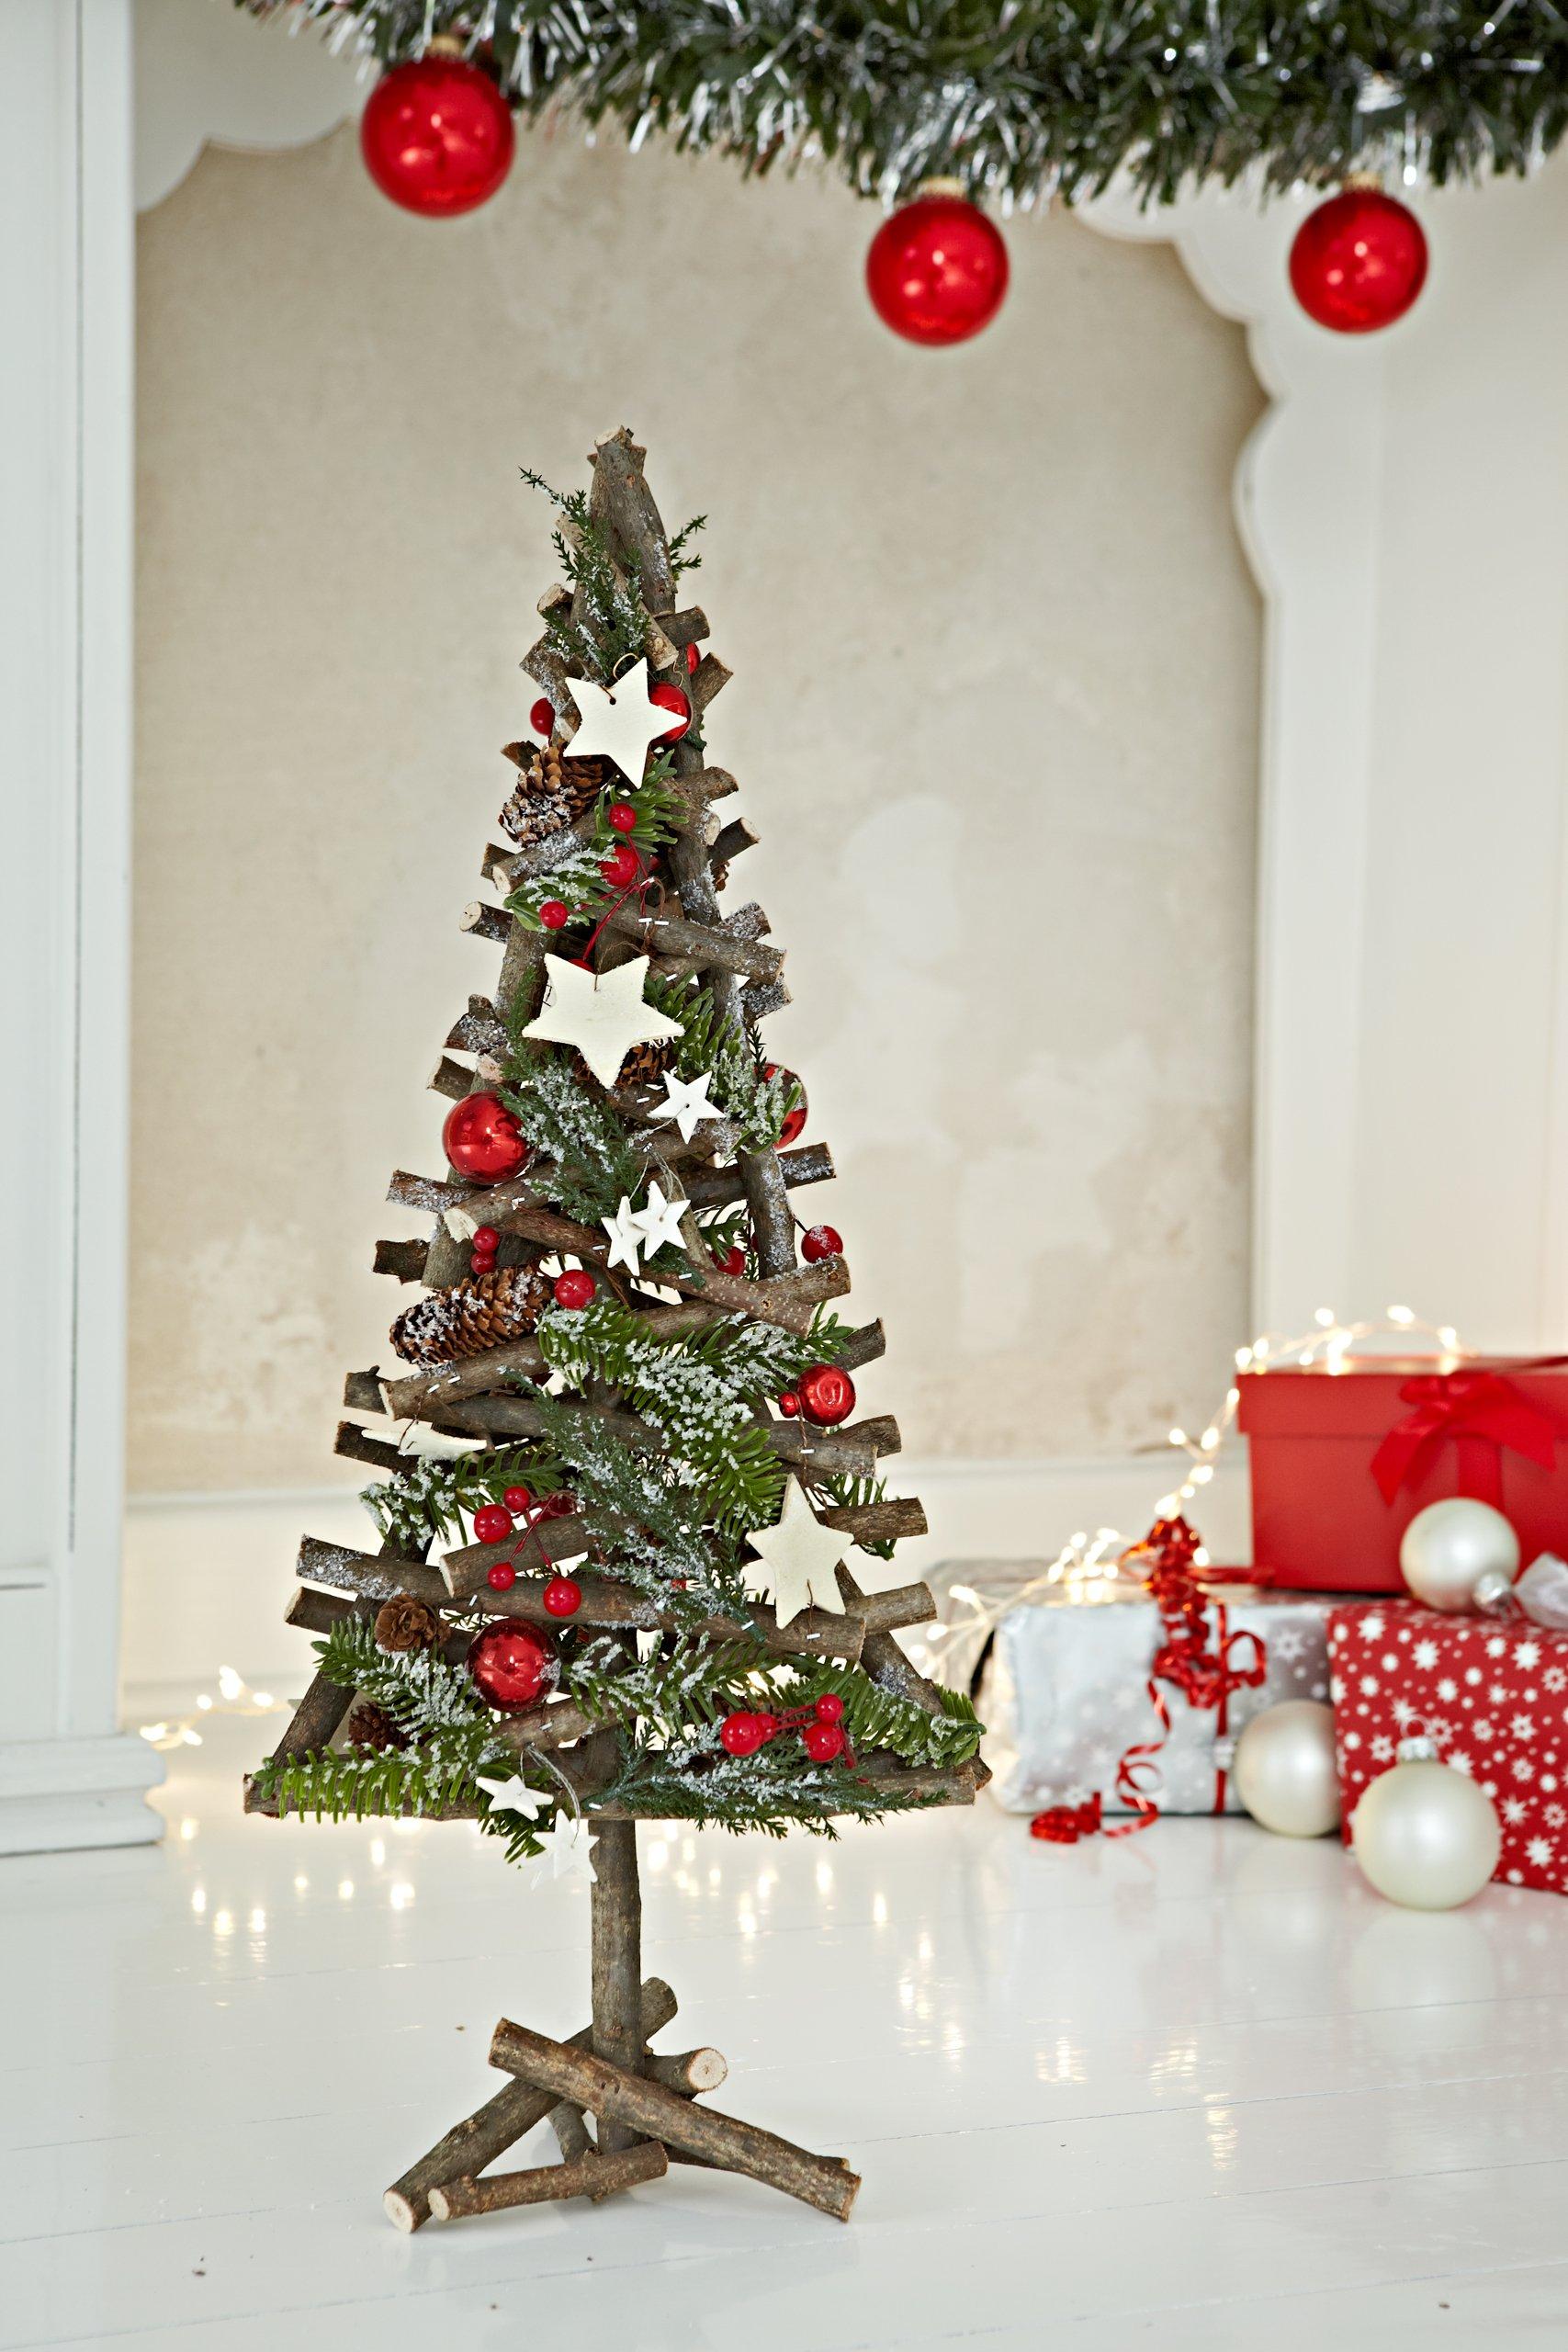 Heitmann-Deco-dekorierter-und-beschneiter-Weihnachts-Baum-rustikal-rot-geschmckt-natrliche-Weihnachtsdekoration